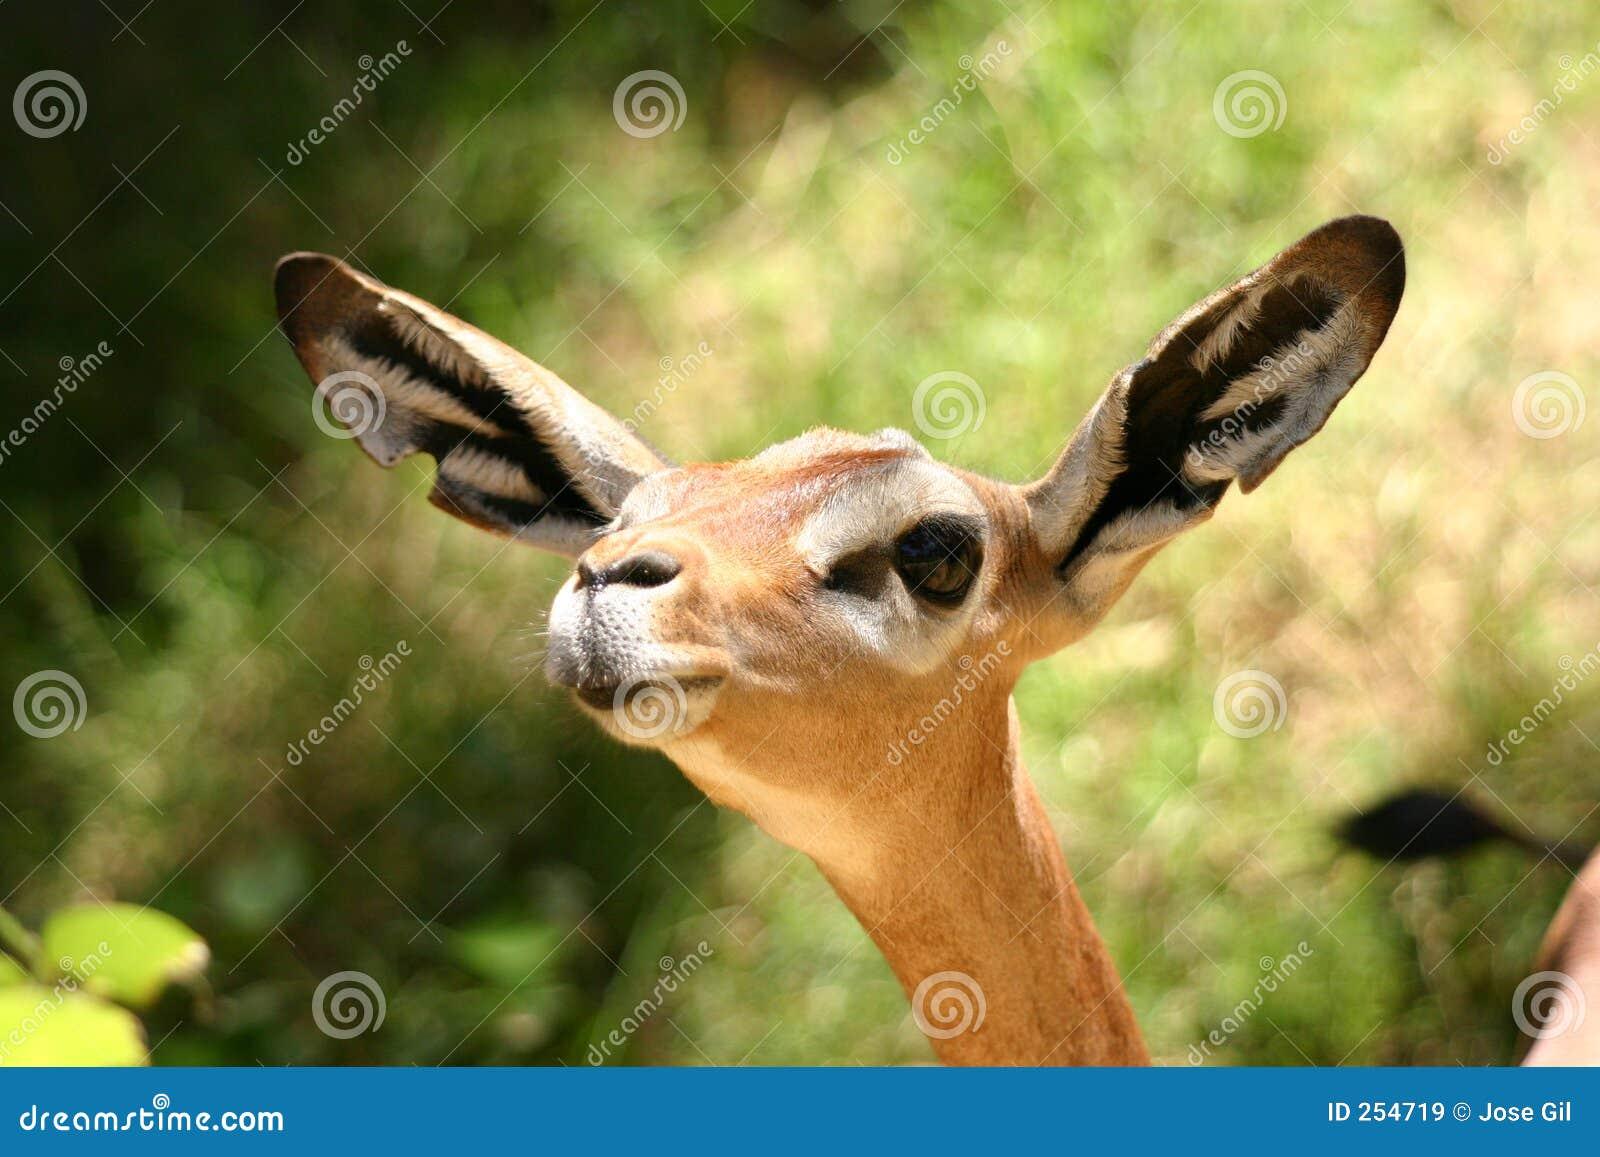 All Ears Deer (Gerenuk) Royalty Free Stock Images - Image: 254719